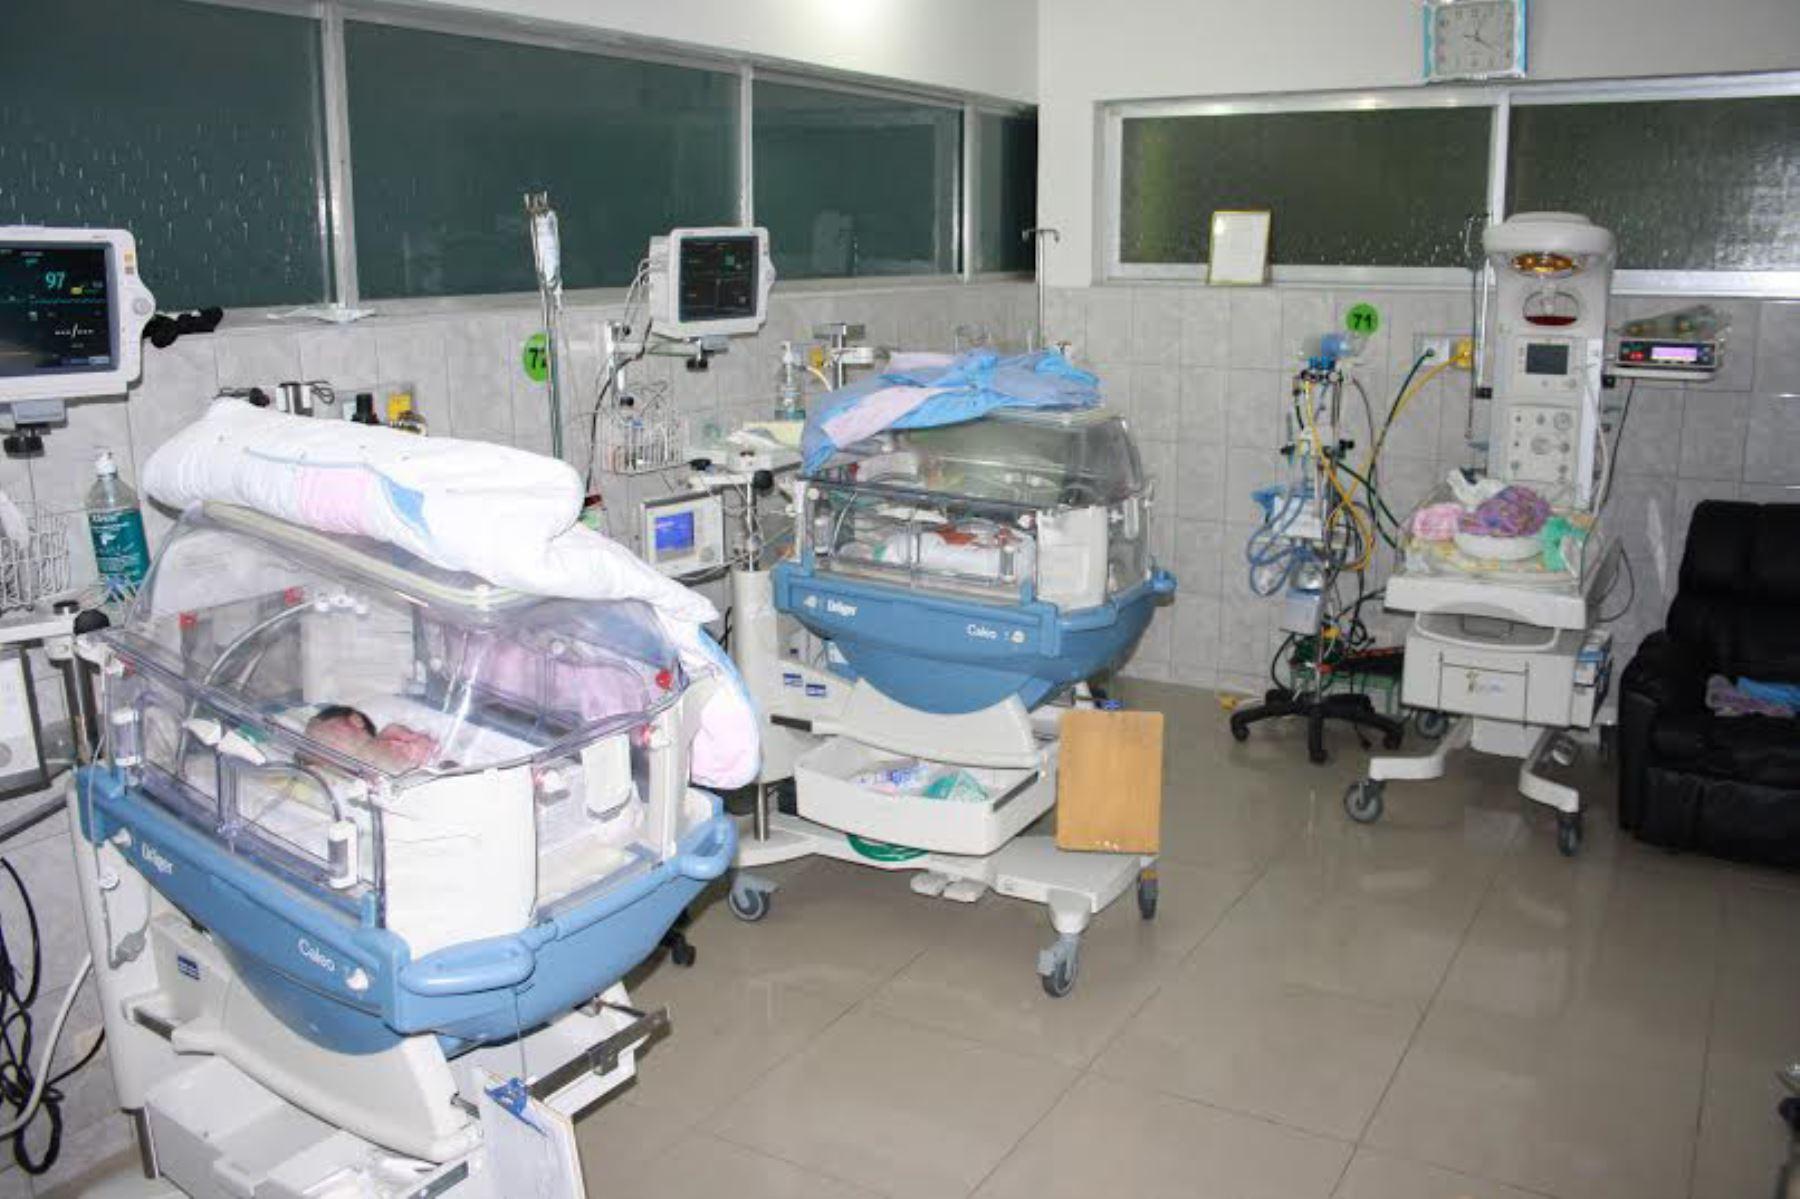 Los hospitales La Caleta de Chimbote, Eleazar Guzmán Barrón de Nuevo Chimbote y Víctor Ramos Guardia de Huaraz cuentan con 14 incubadoras. Foto: ANDINA/Gonzalo Horna